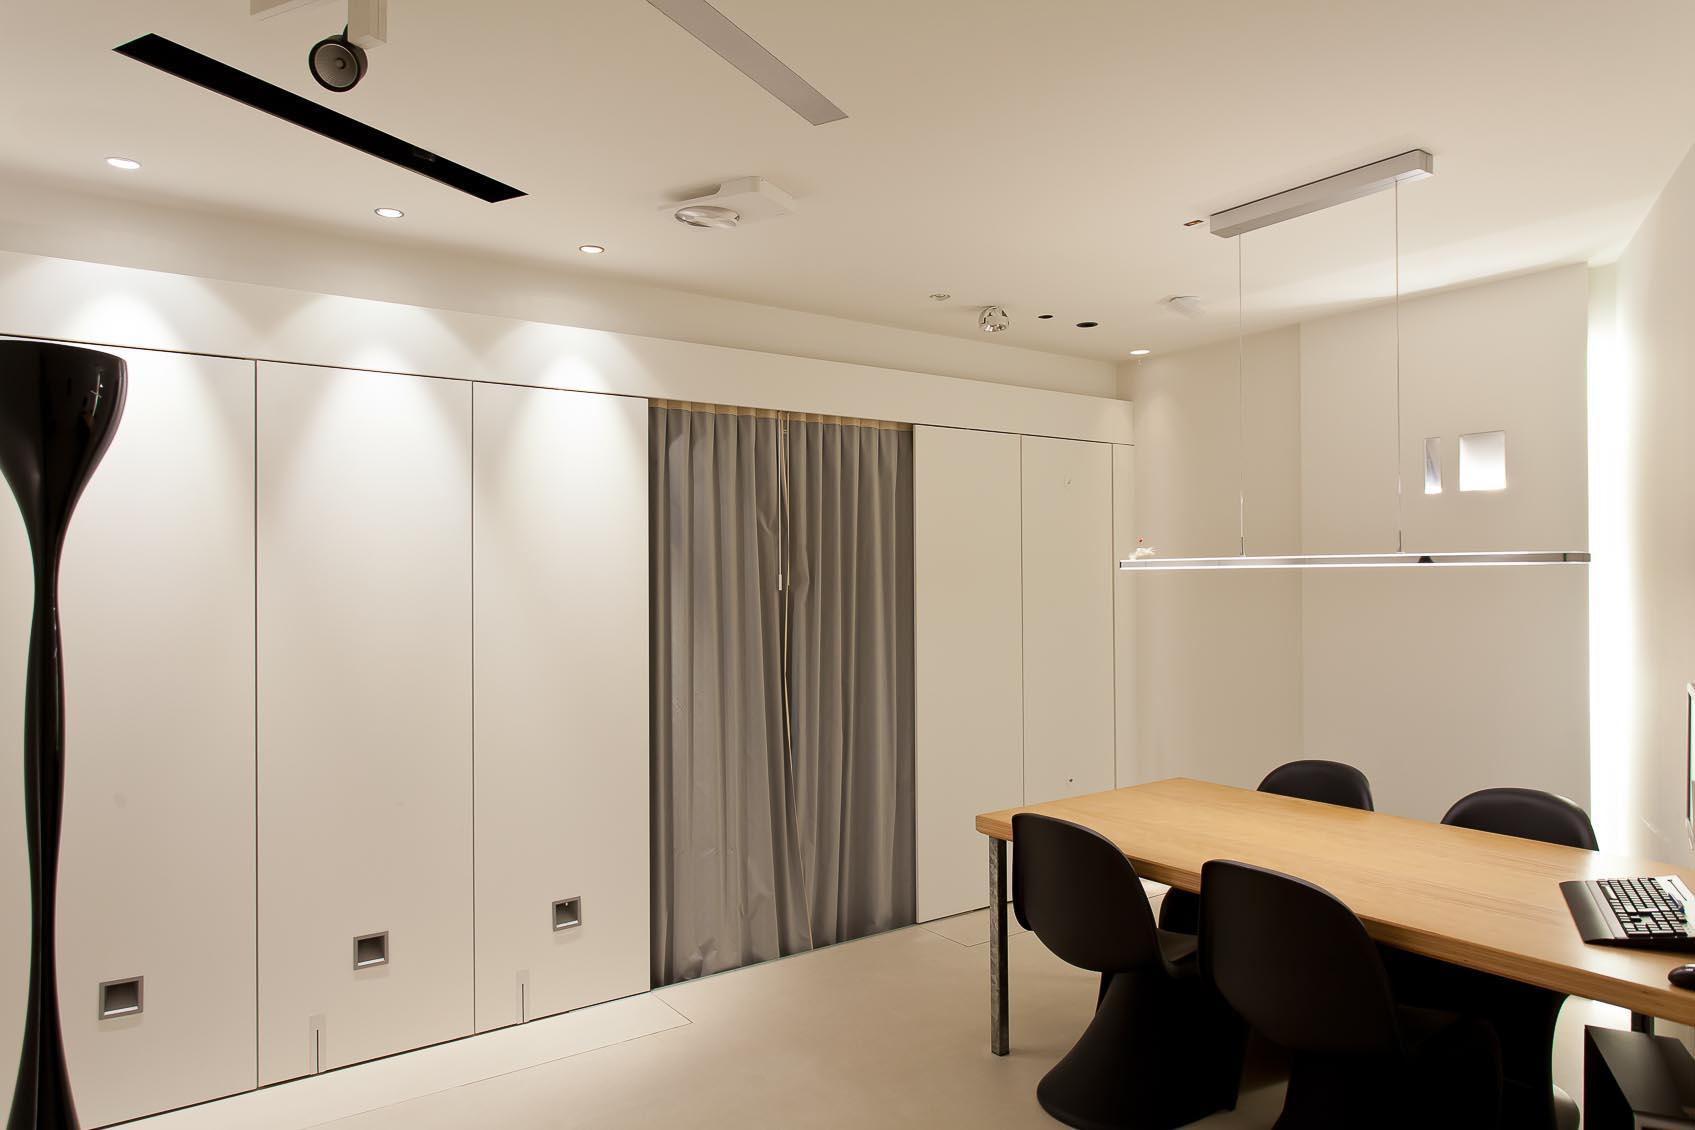 Beleef interieurverlichting in onze design lichtstudio6